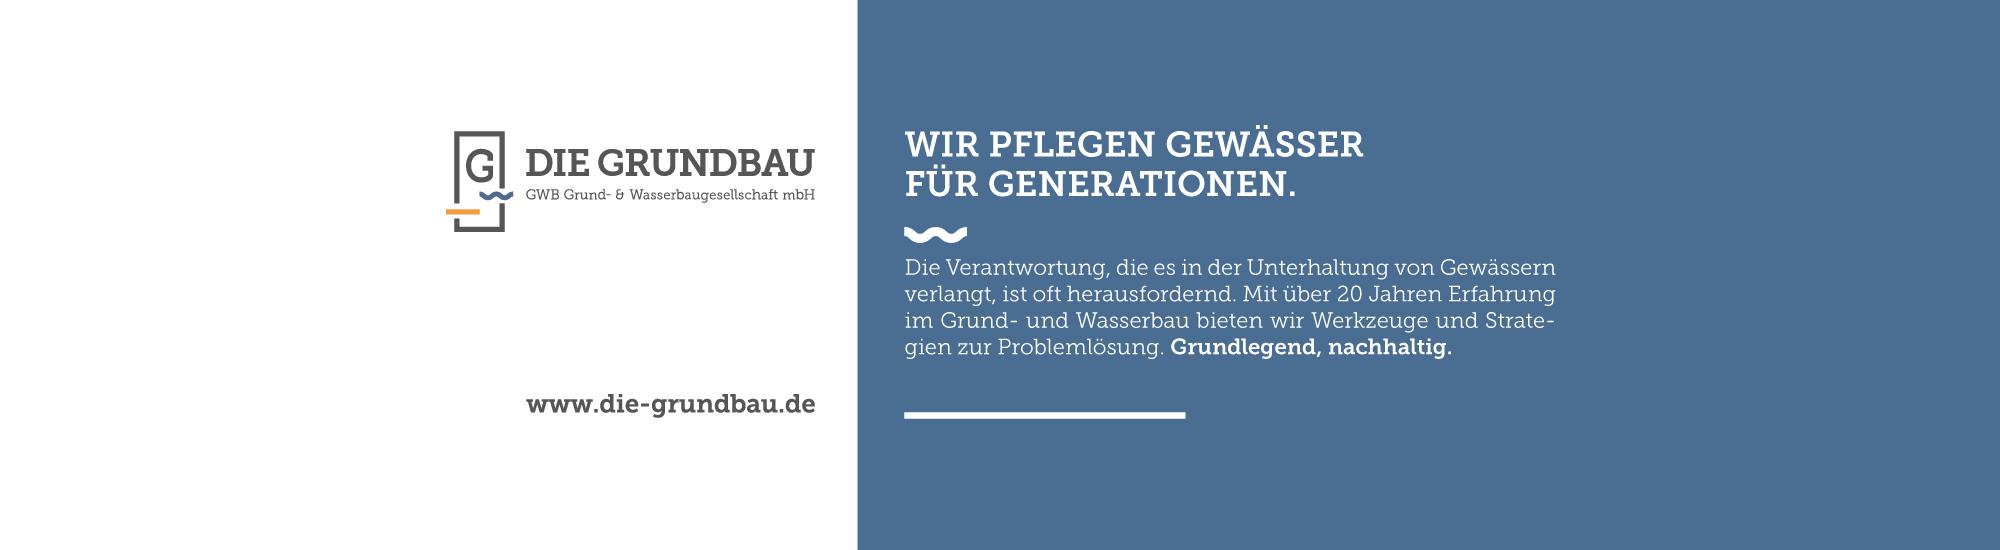 Corporate Design - Digitale Medien - Die Grundbau